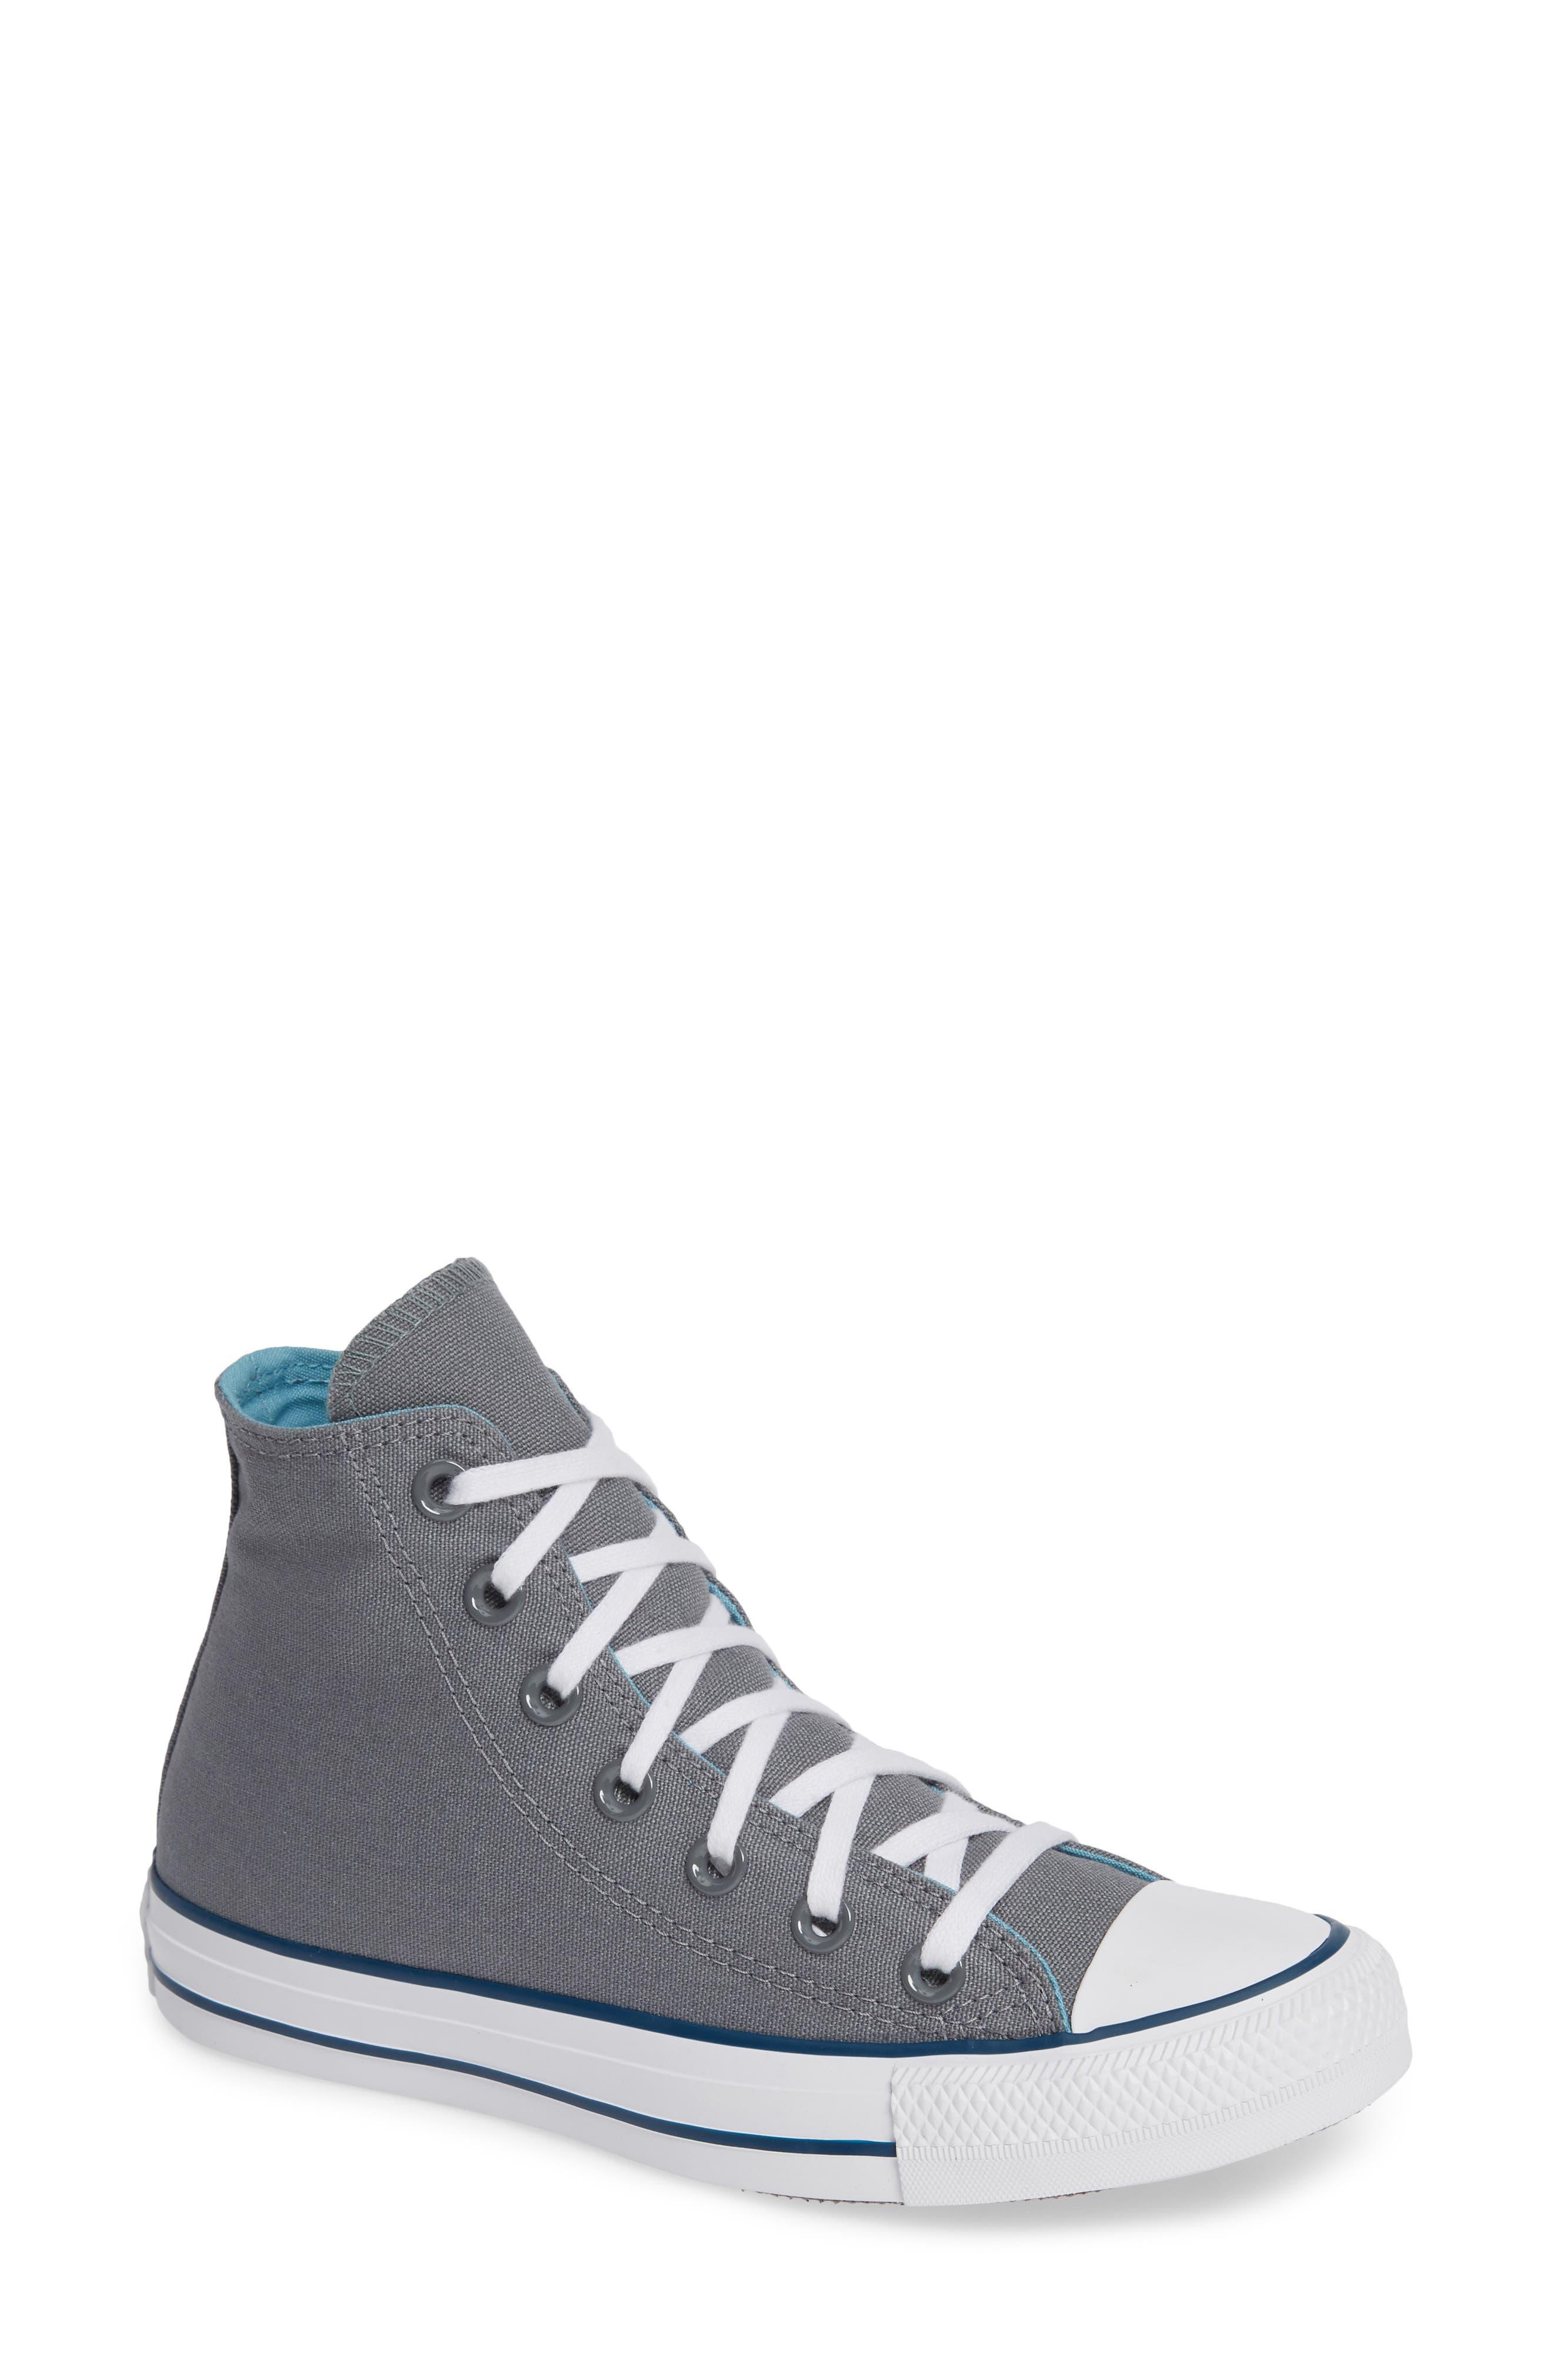 CONVERSE, Chuck Taylor<sup>®</sup> All Star<sup>®</sup> Seasonal Hi Sneaker, Main thumbnail 1, color, 039